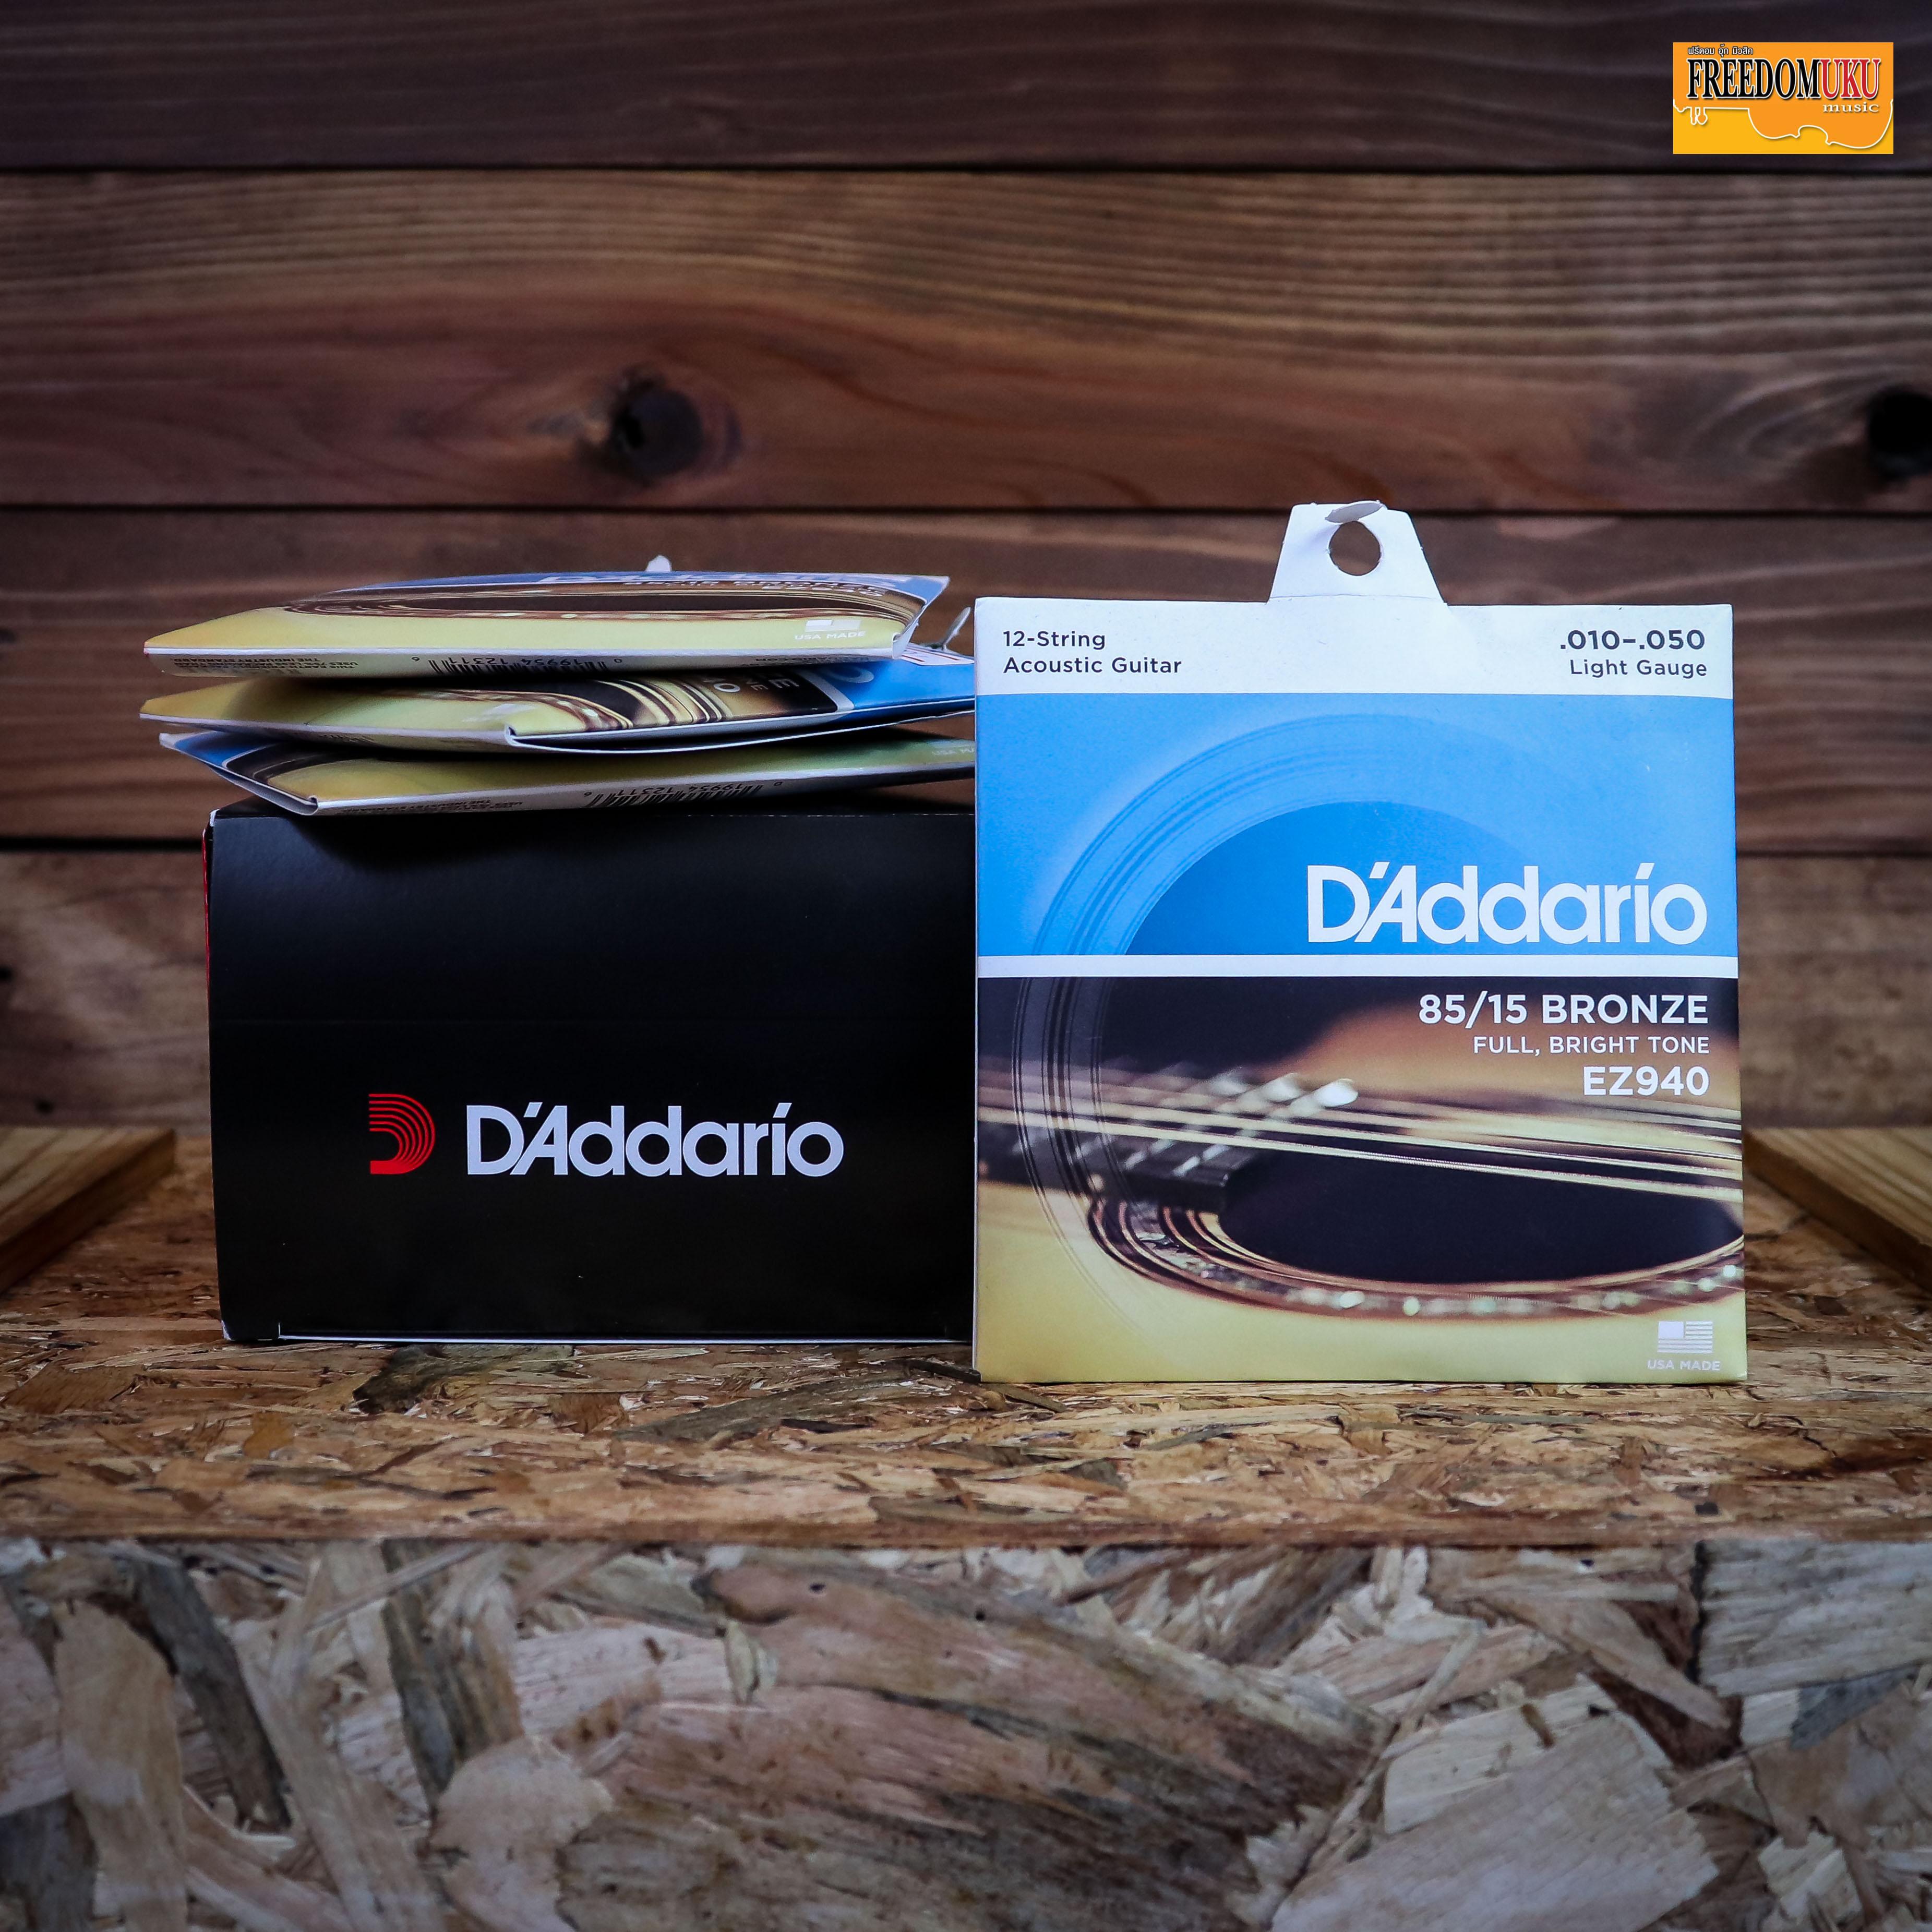 D'Addario สายกีต้าร์โปร่ง12สาย เบอร์10 รุ่น EZ940